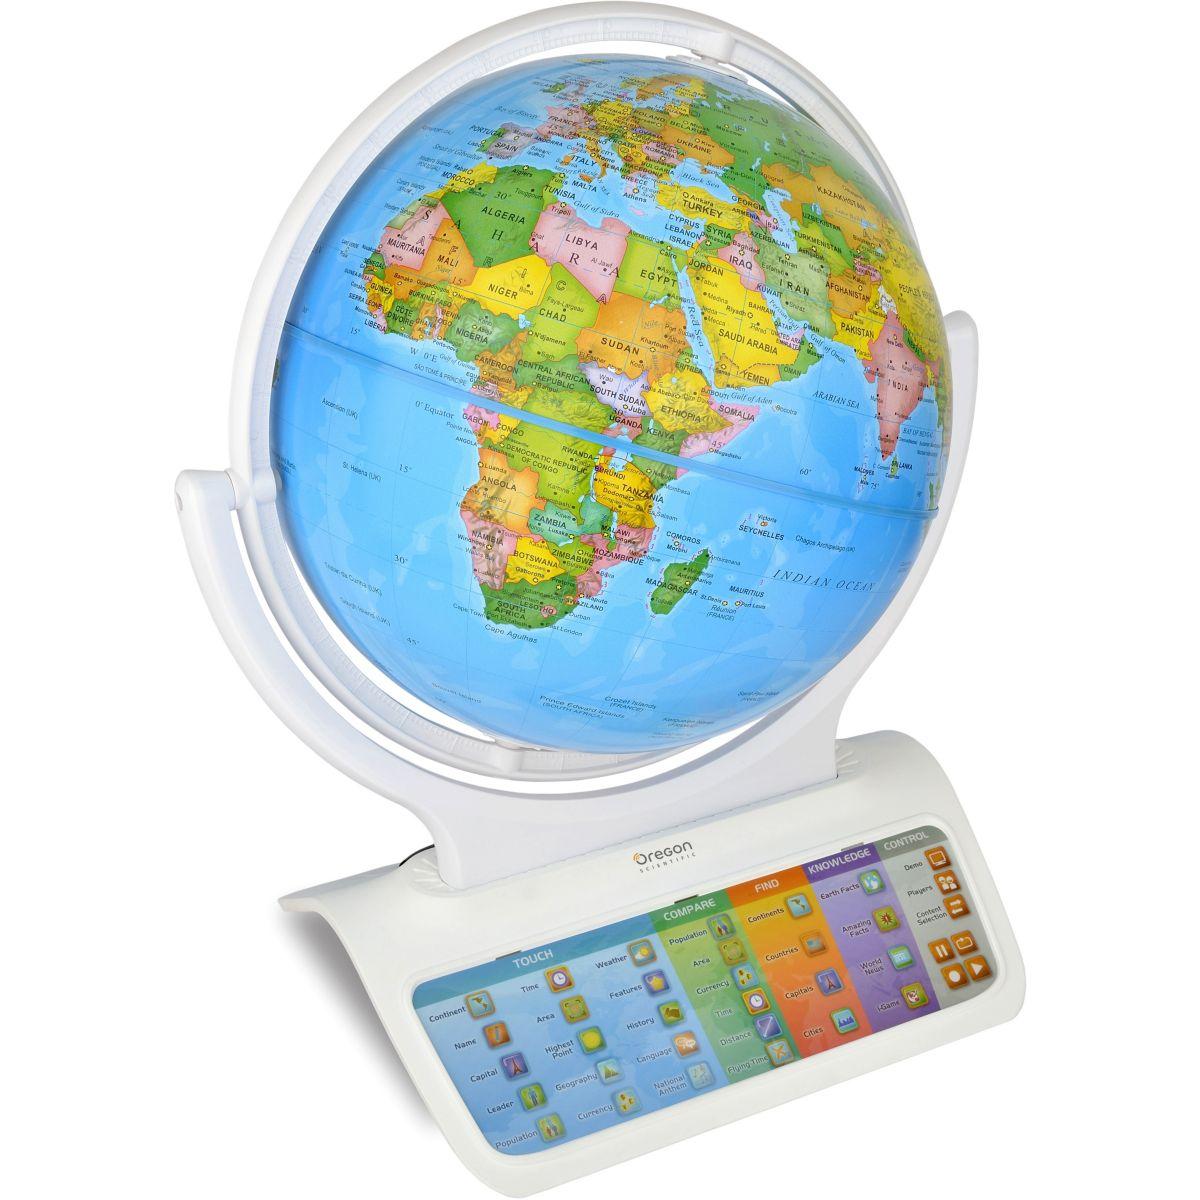 Jeu de société OREGON Smart Globe Infinity